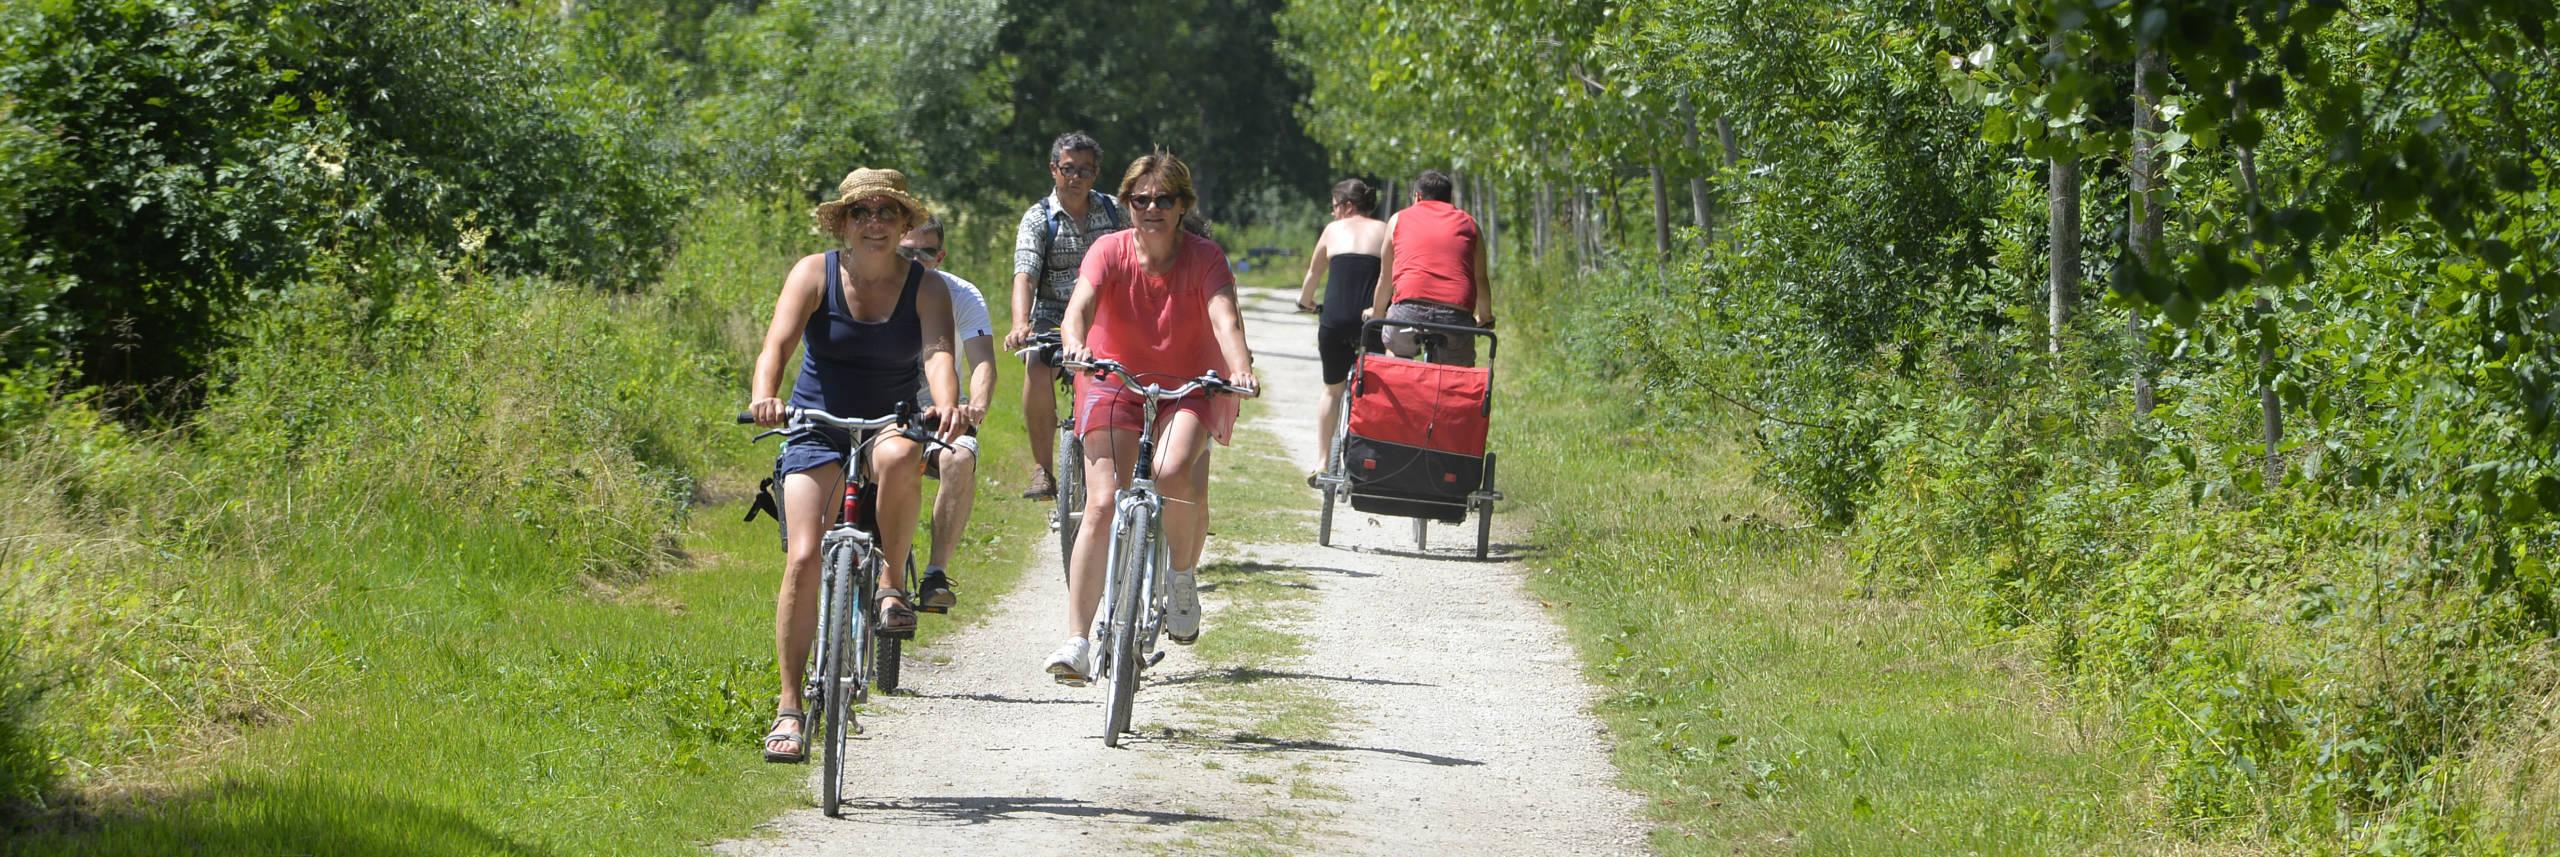 Le circuit 9, une randonnée vélo au coeur du Marais poitevin,